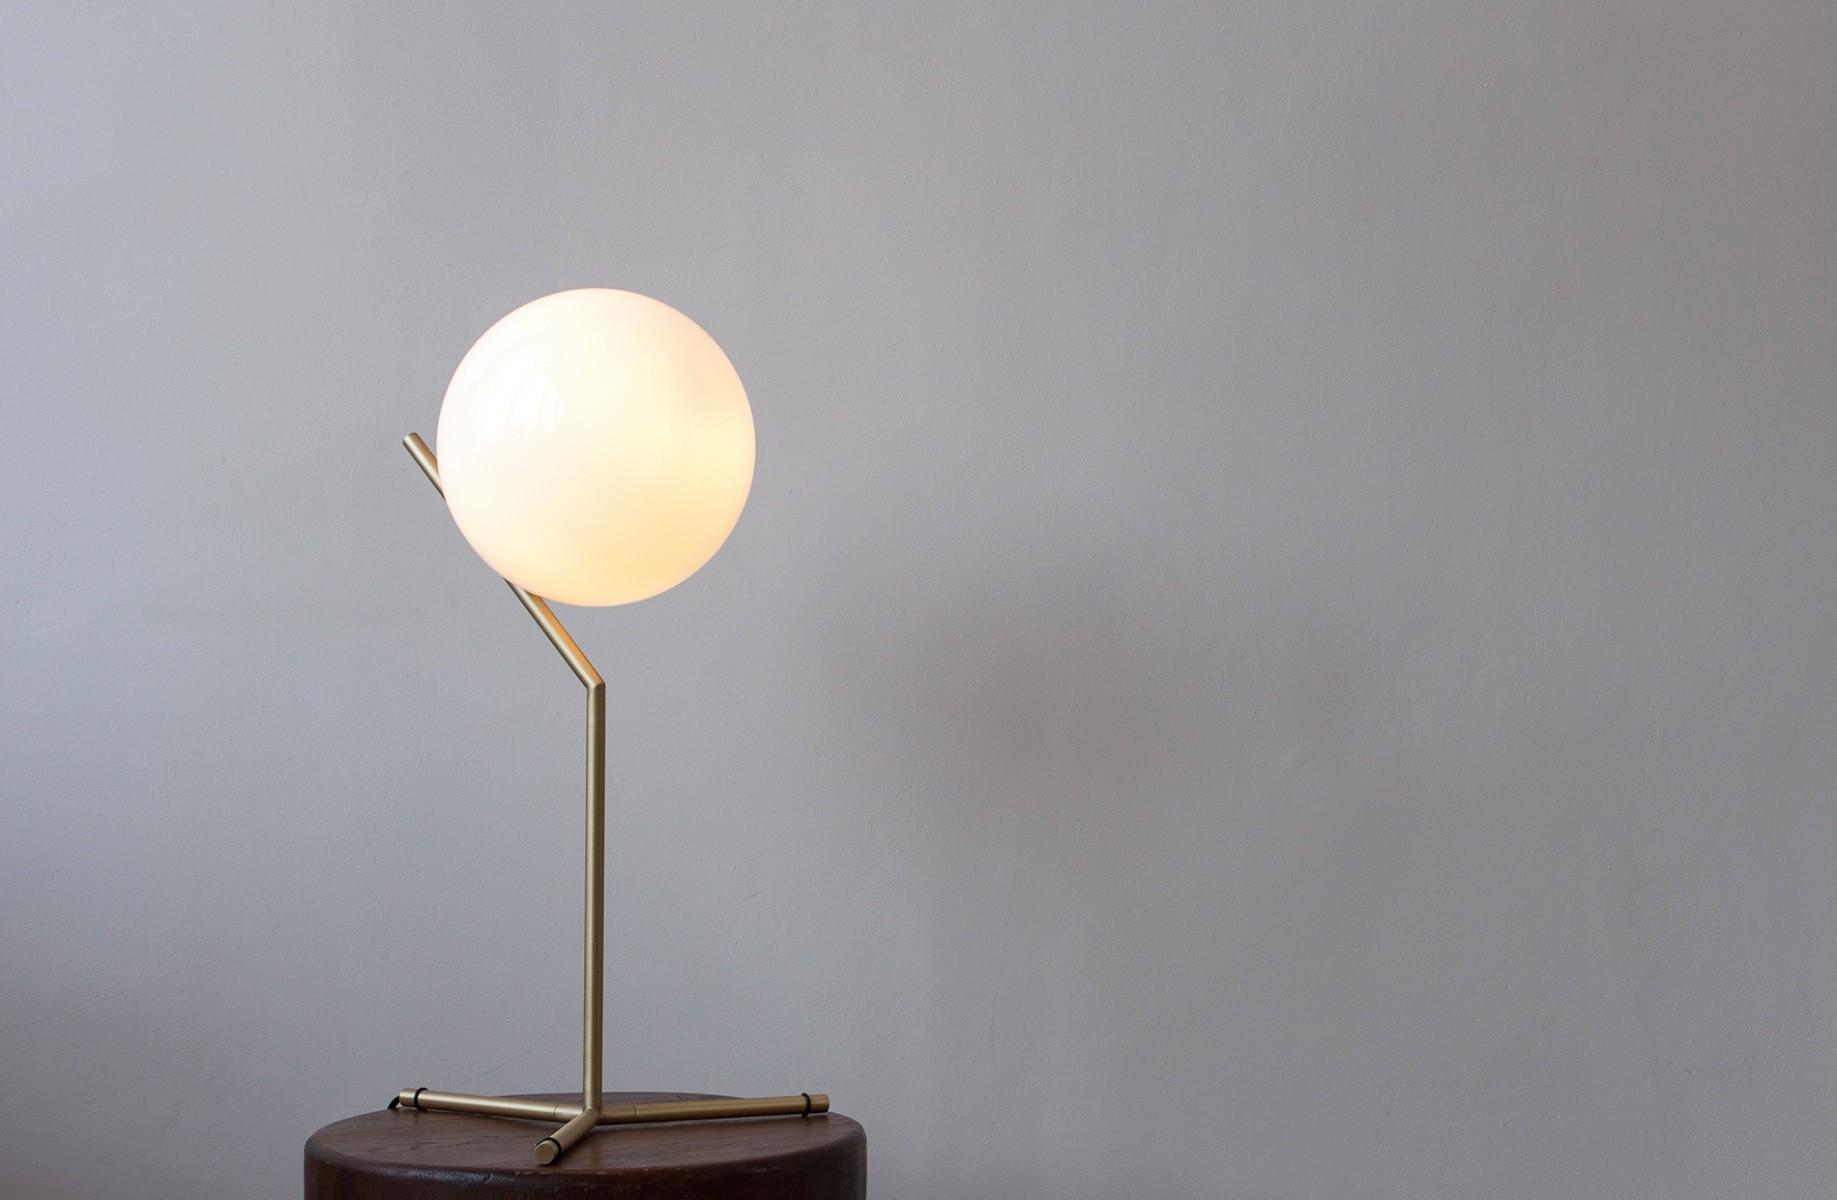 Una lampada che gioca con la composizione officebit arredi e